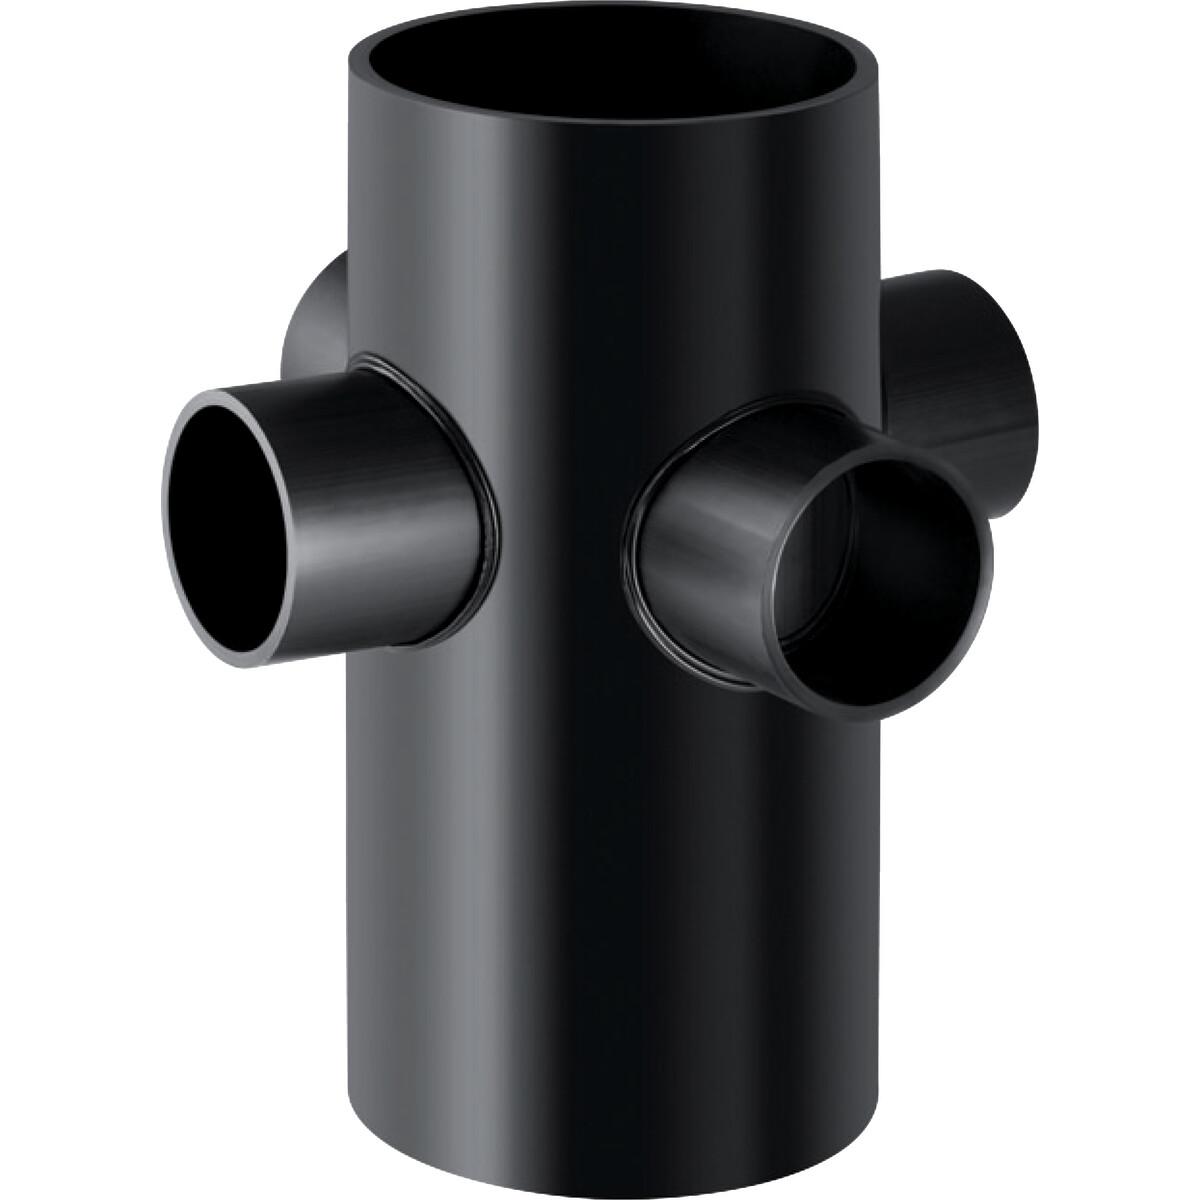 Embranchement 88.5° Geberit PEHD à quatre départs : d=110mm, d1=56mm